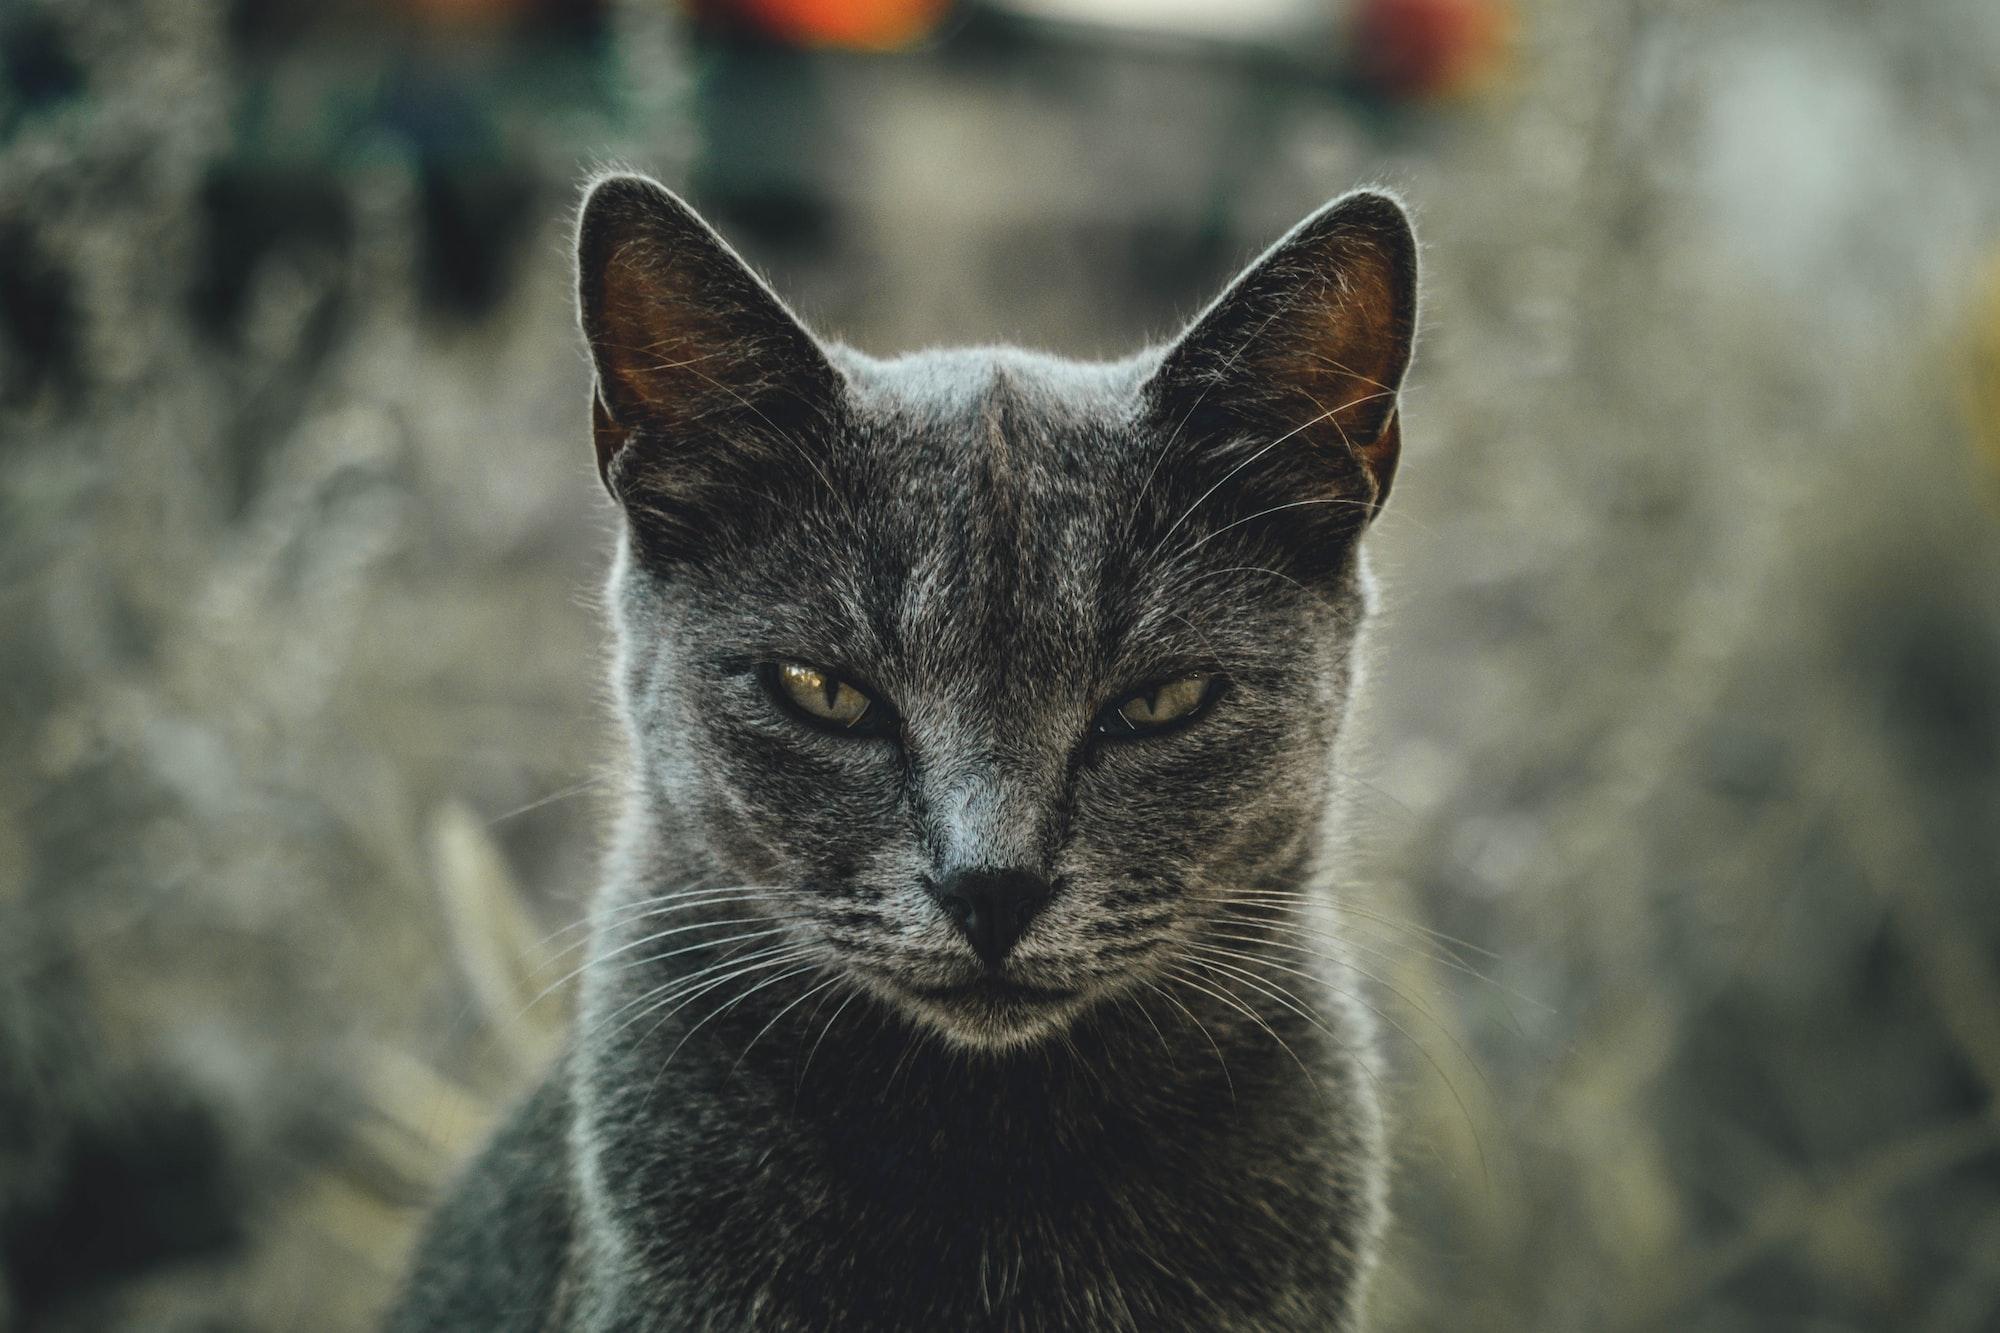 #0.1 - Cat's Eye